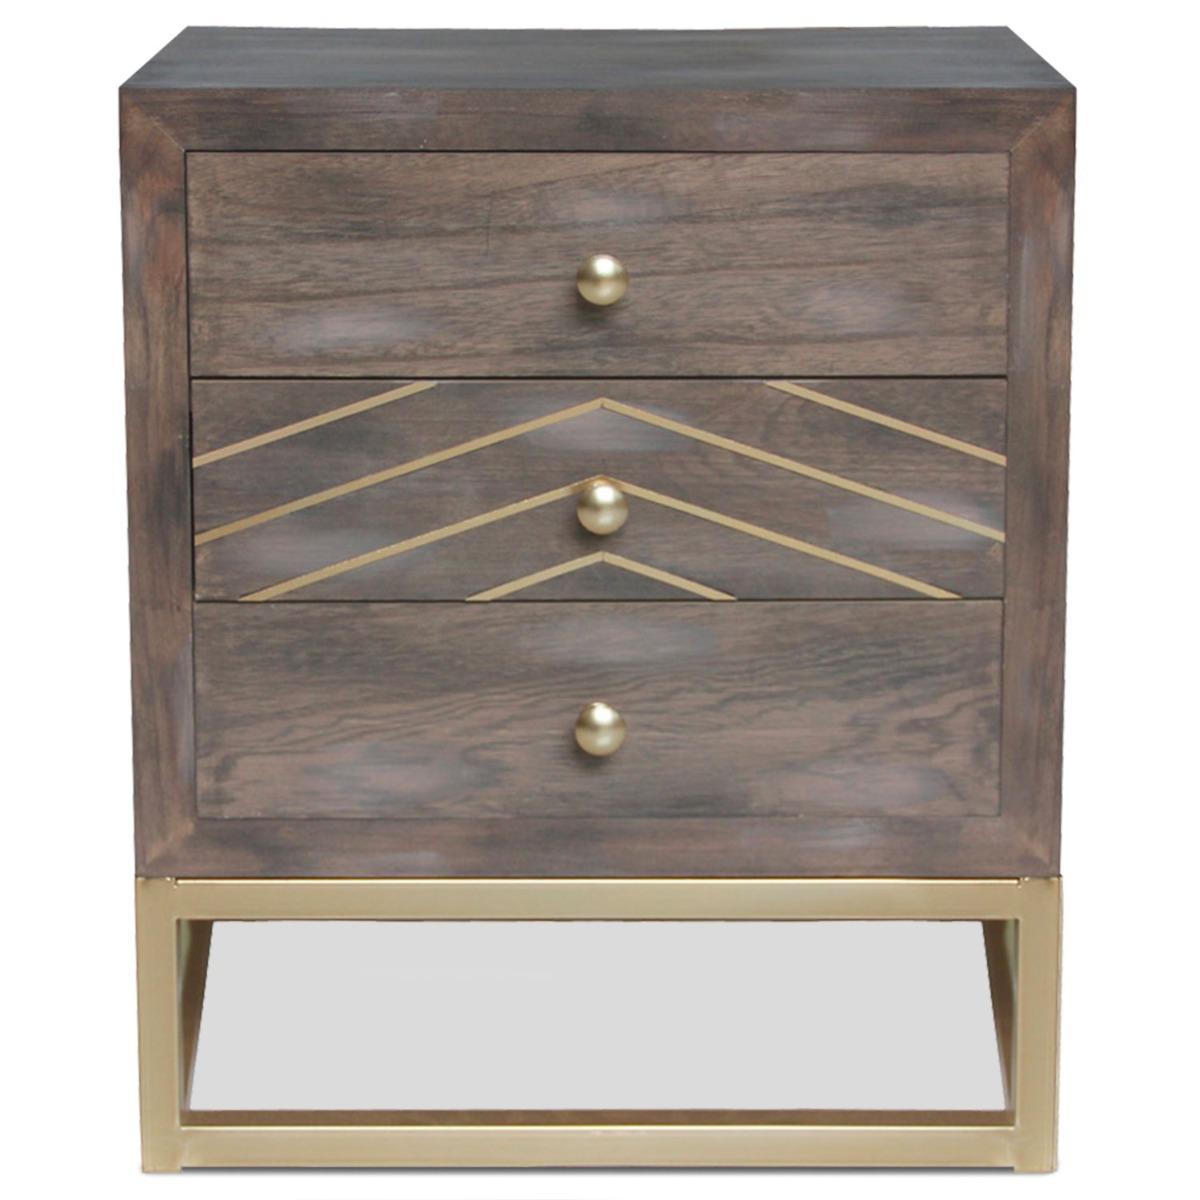 Table de chevet Lipnia scandinave 3 tiroirs Bois vintage